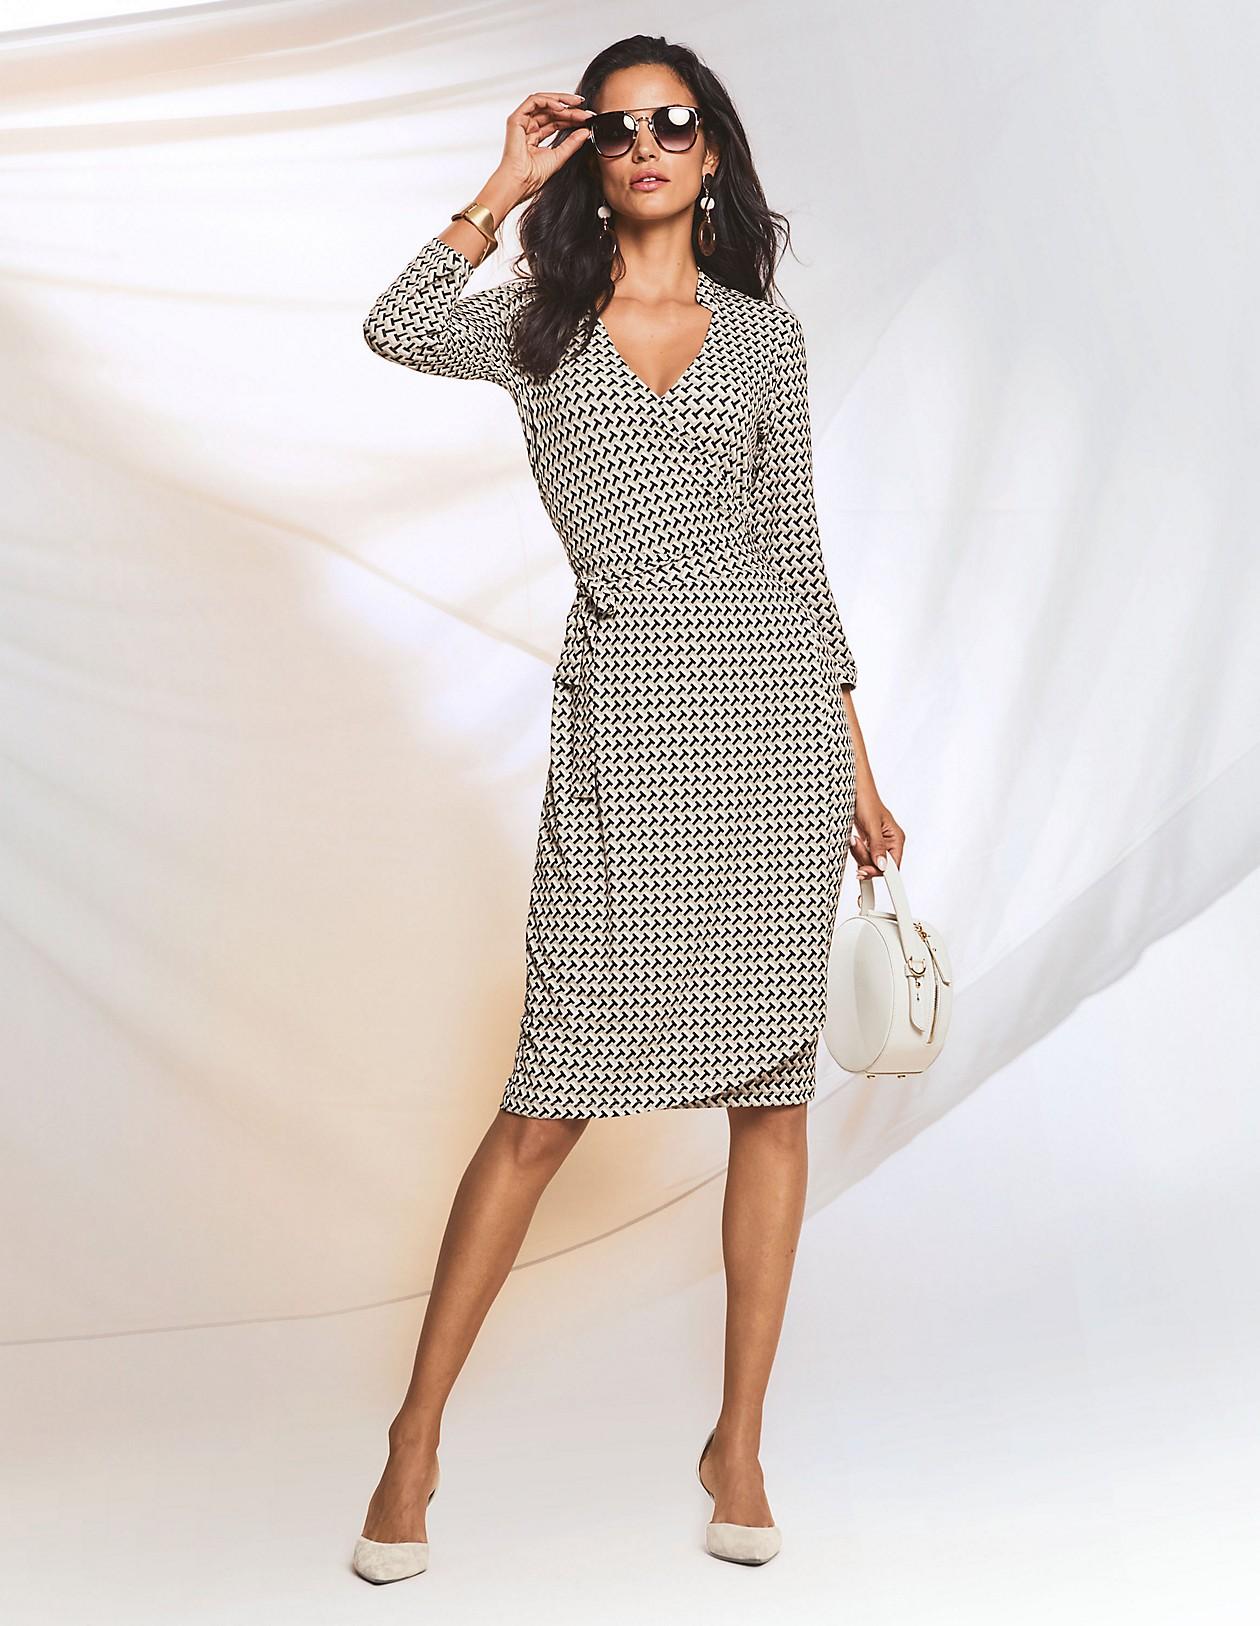 Jerseykleid in Wickelform, wollweiß/multicolor, hellbraun, weiß